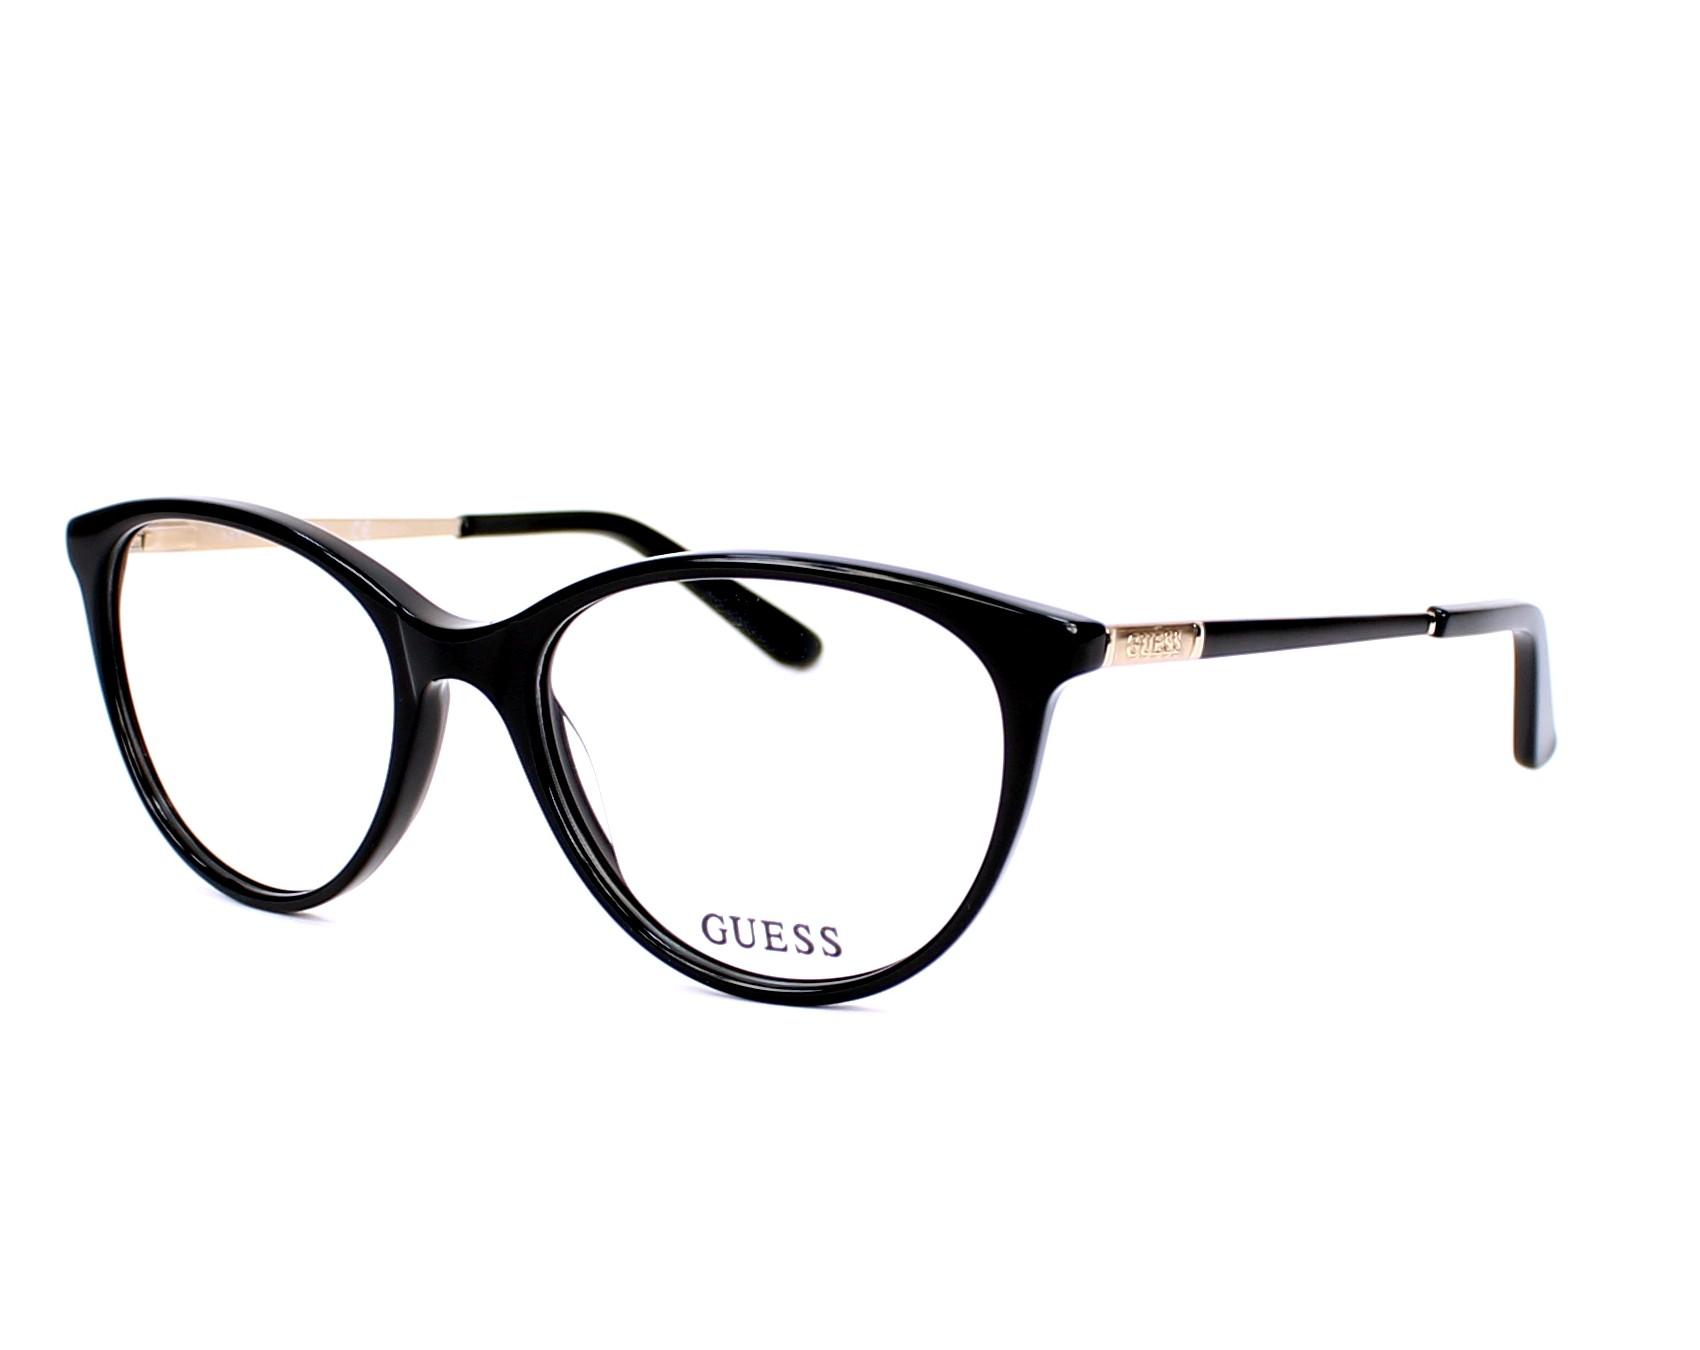 Guess Eyeglasses GU-2565 005 Black | visio-net.com